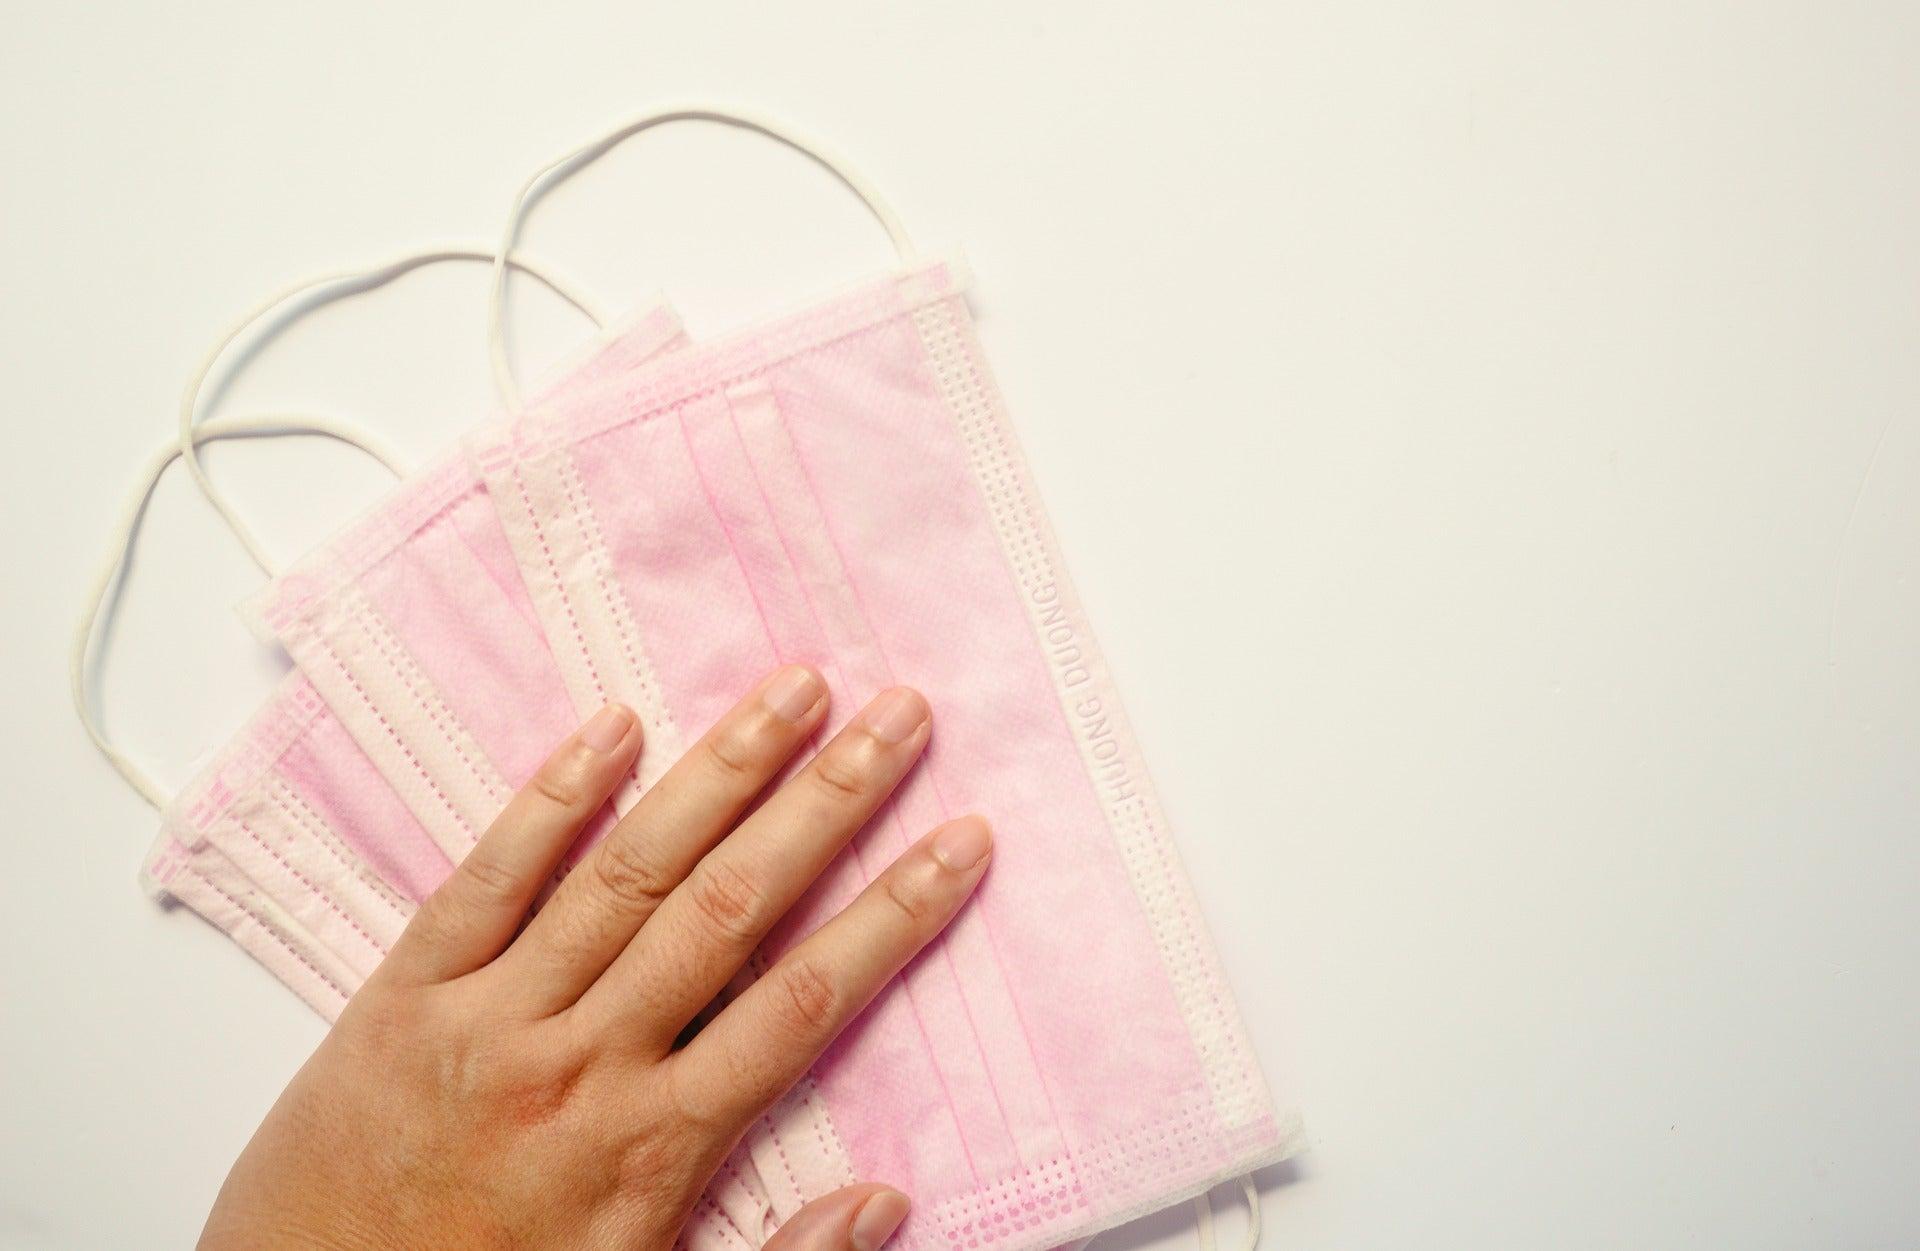 Pink face masks.